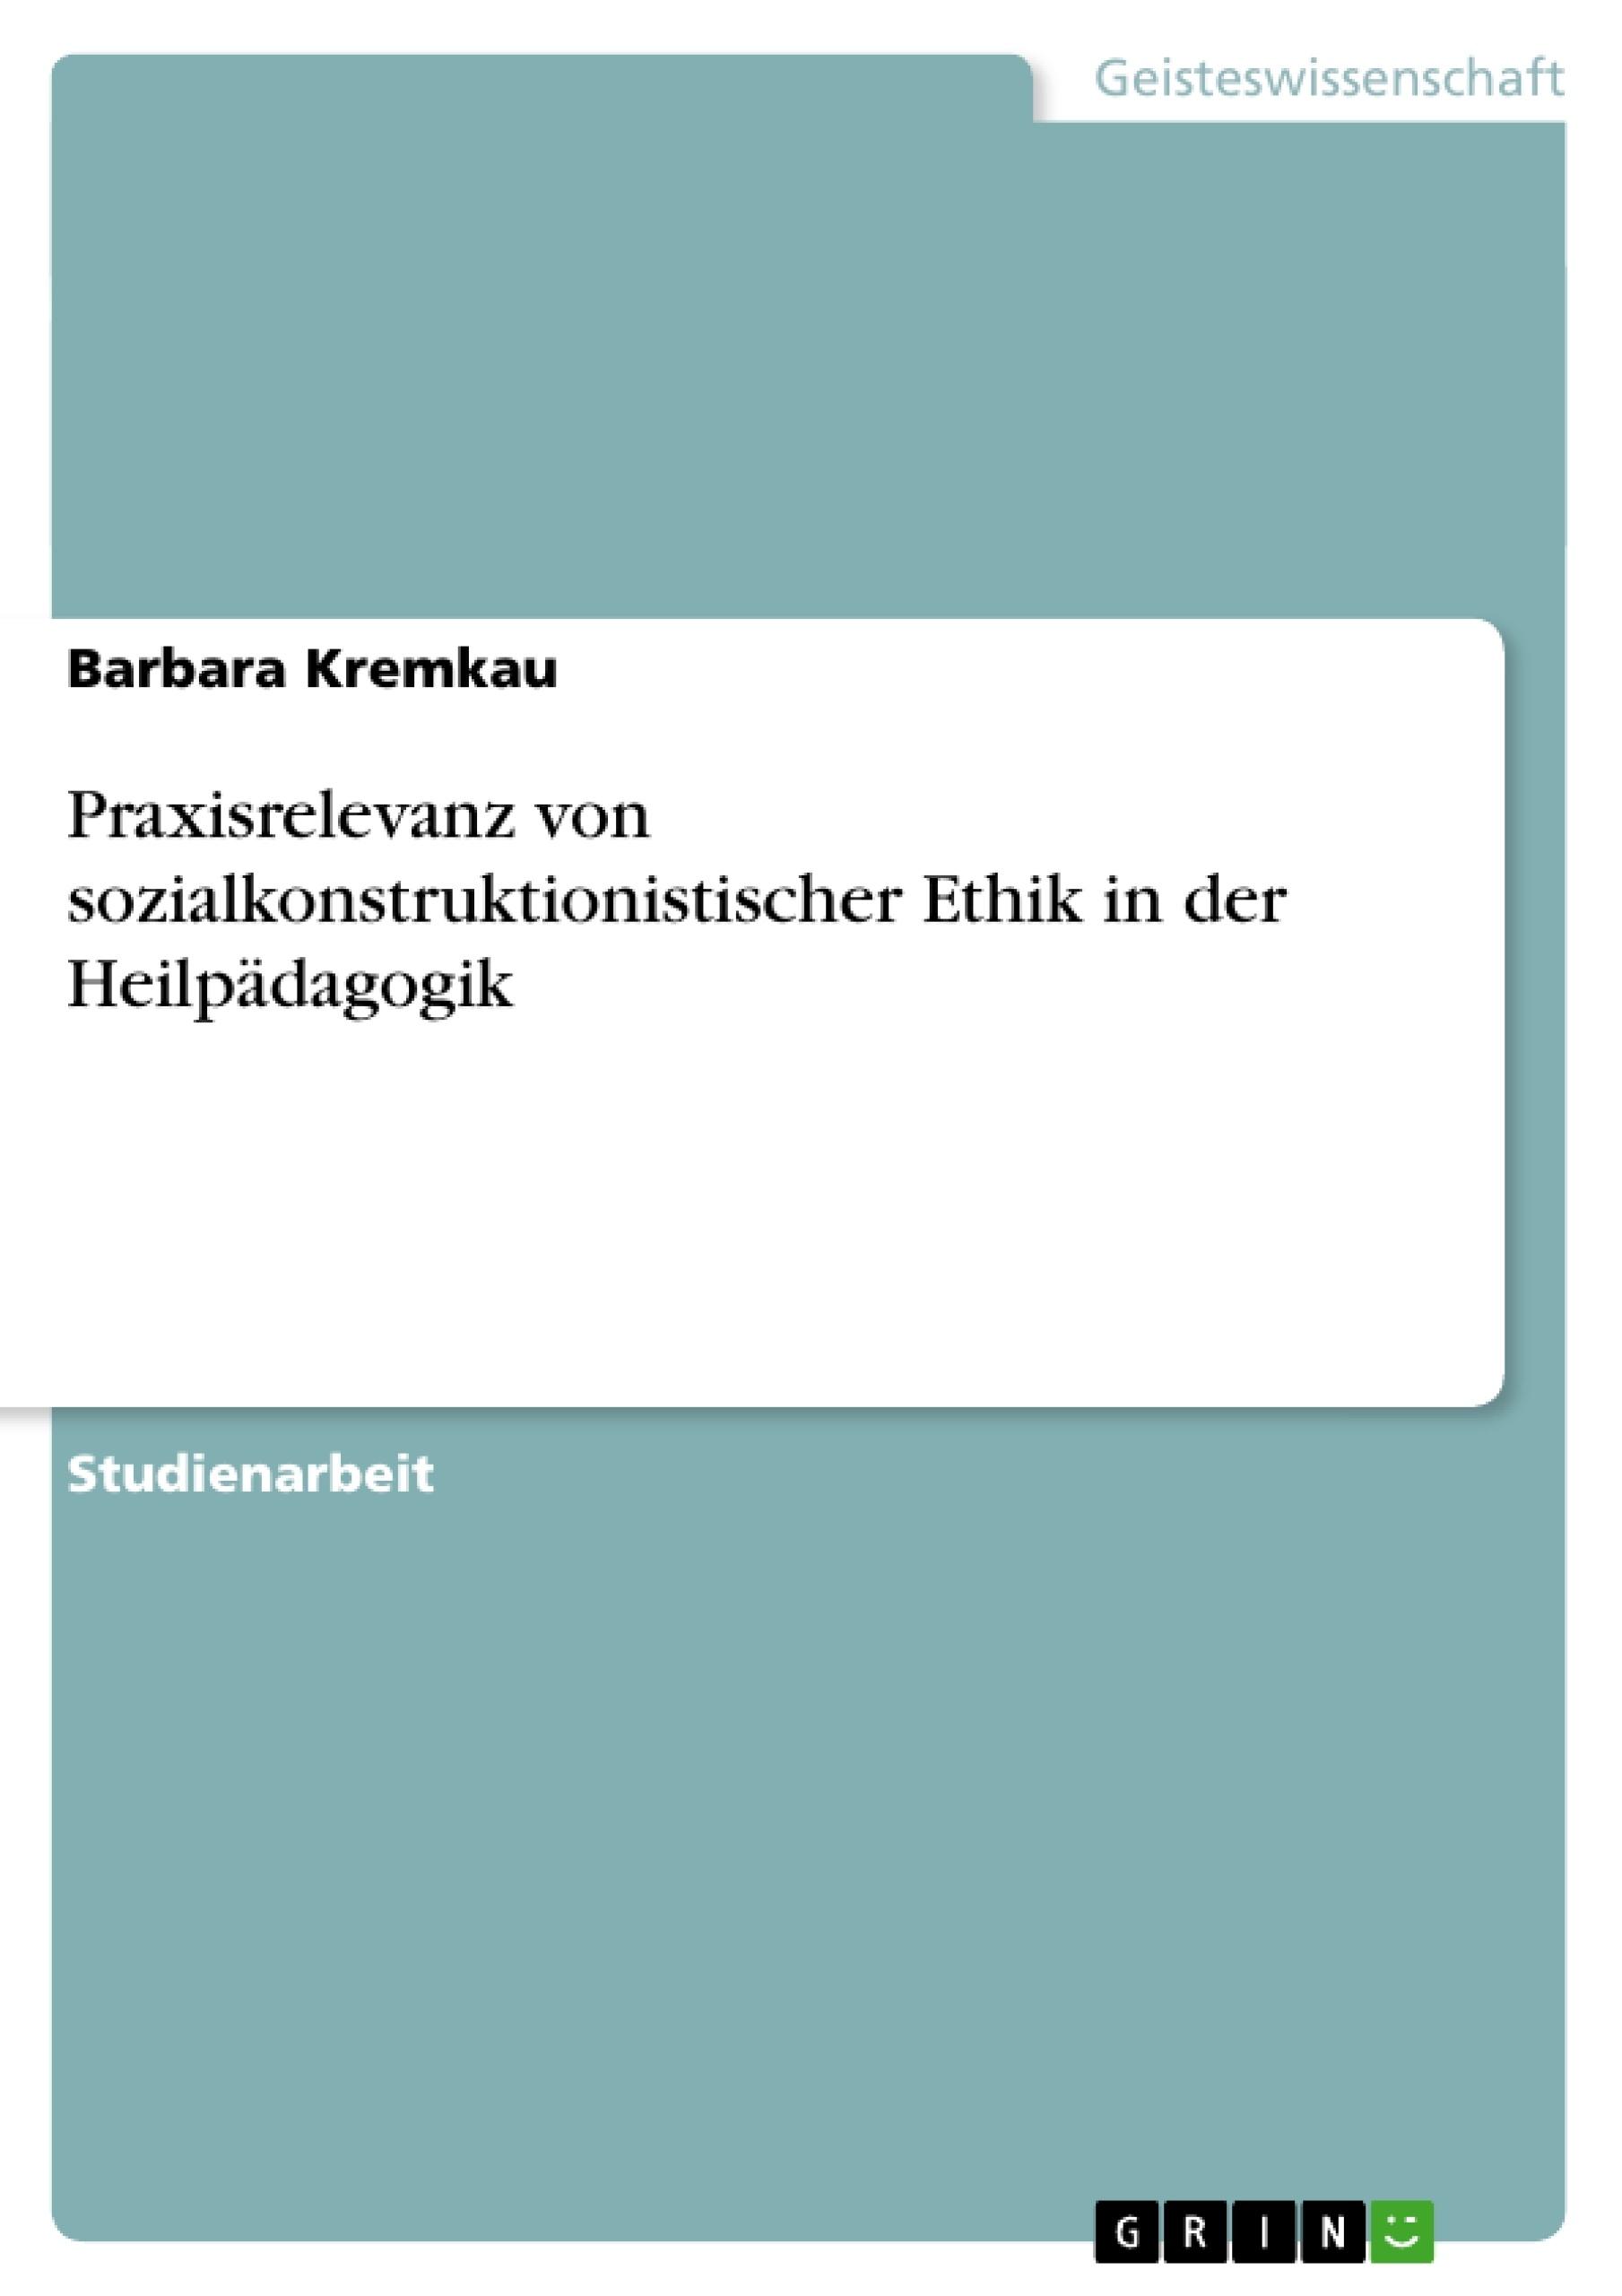 Titel: Praxisrelevanz von sozialkonstruktionistischer Ethik in der Heilpädagogik